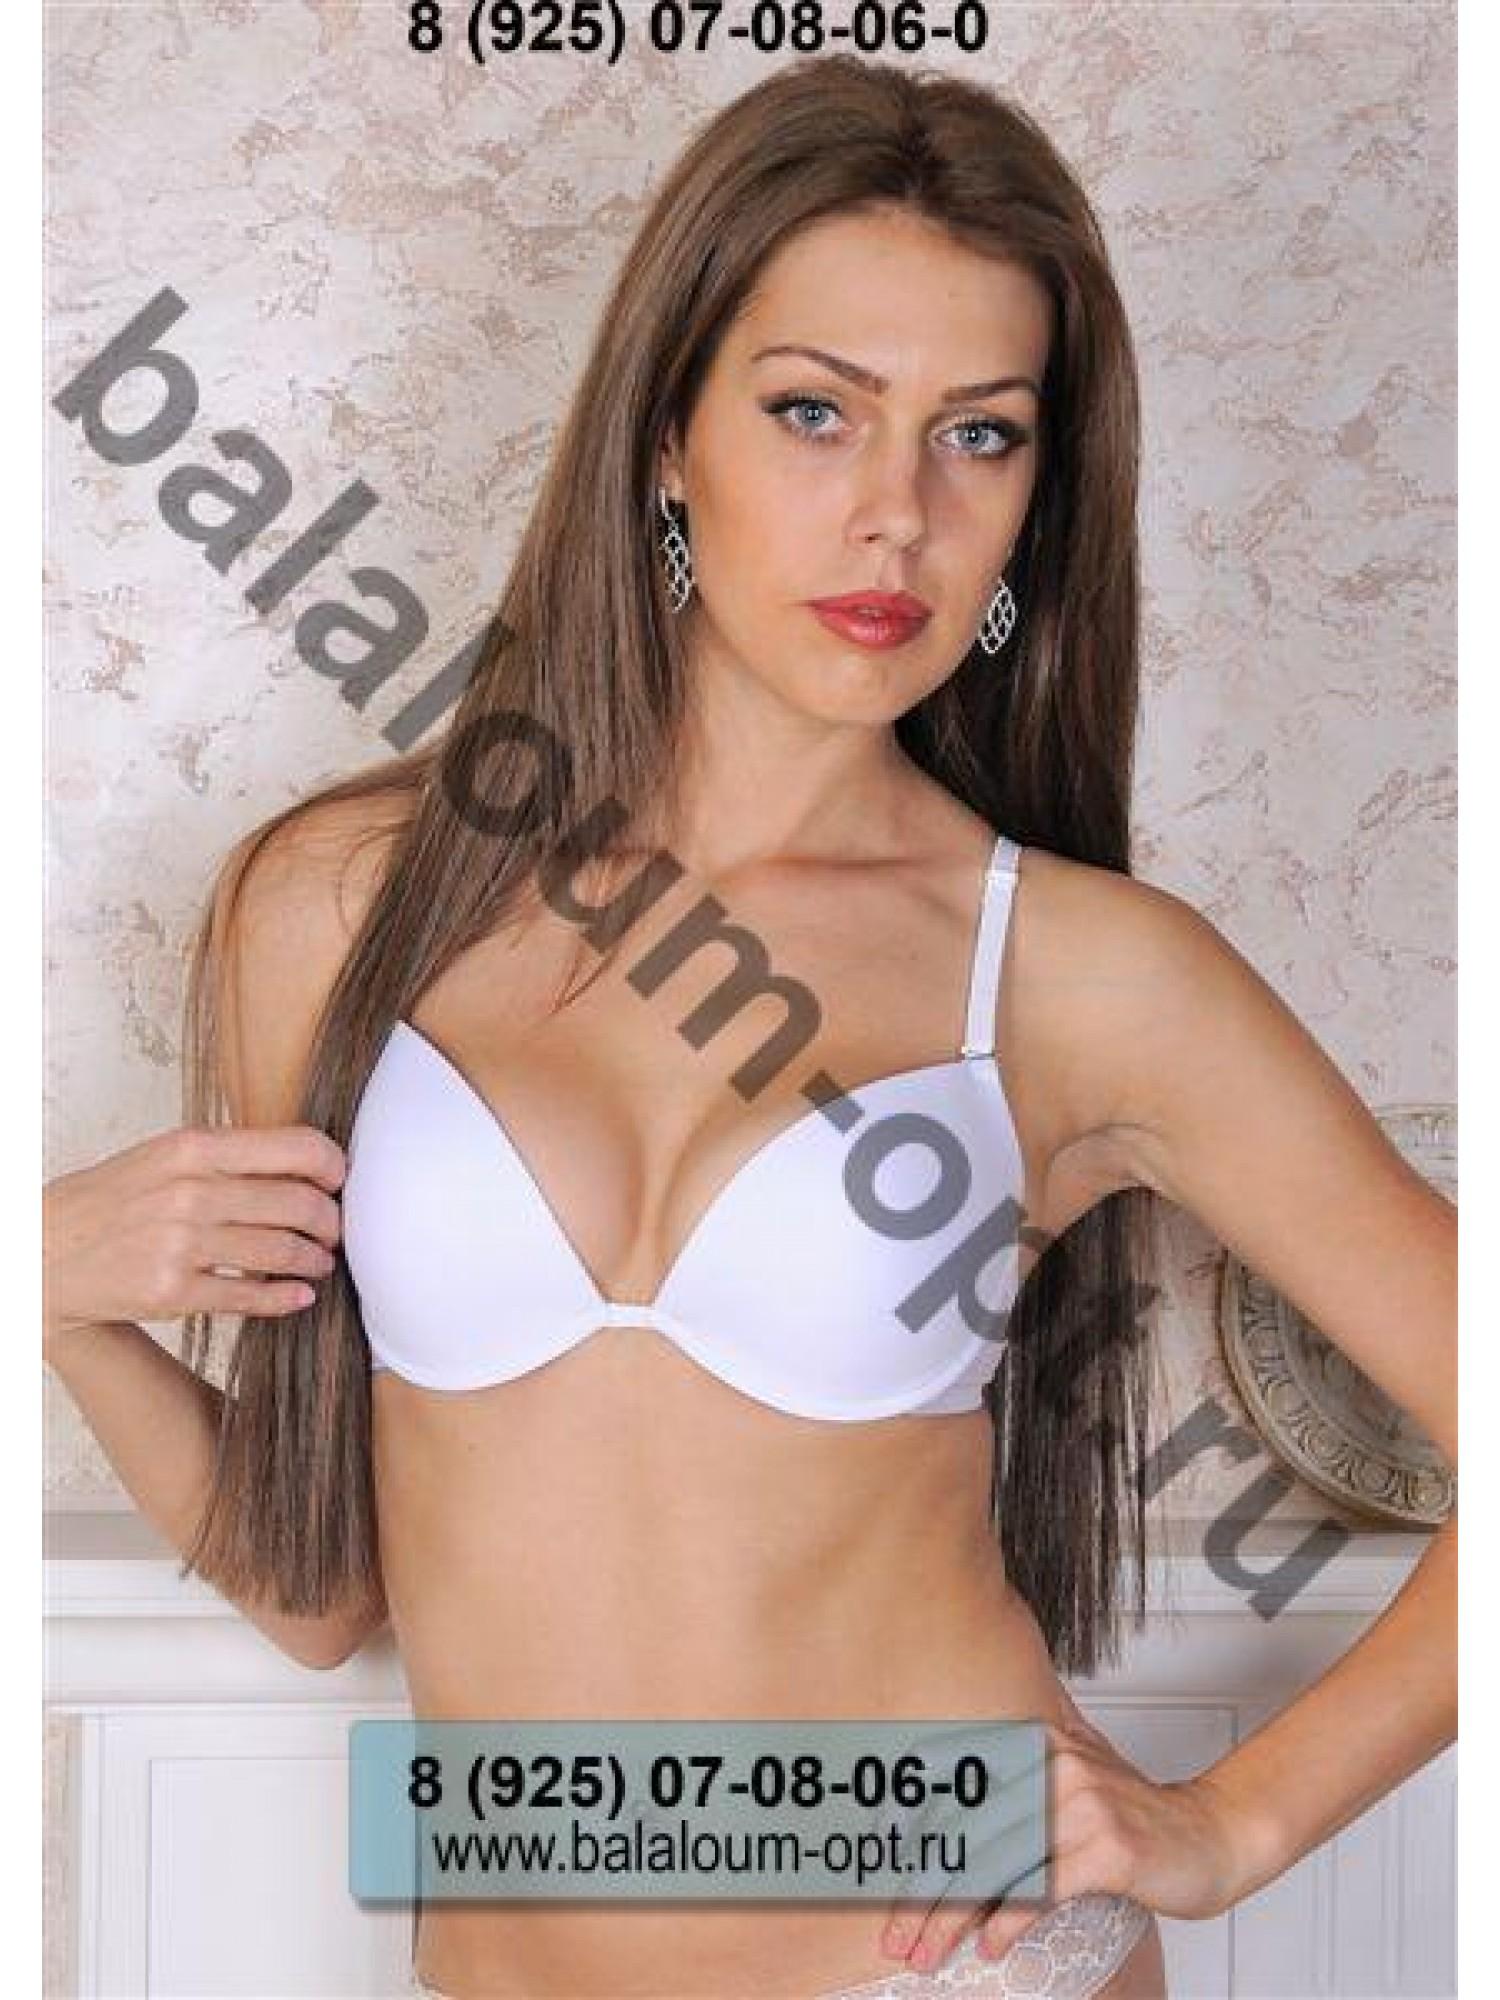 Бюстгальтер Balaloum A9063 Белый